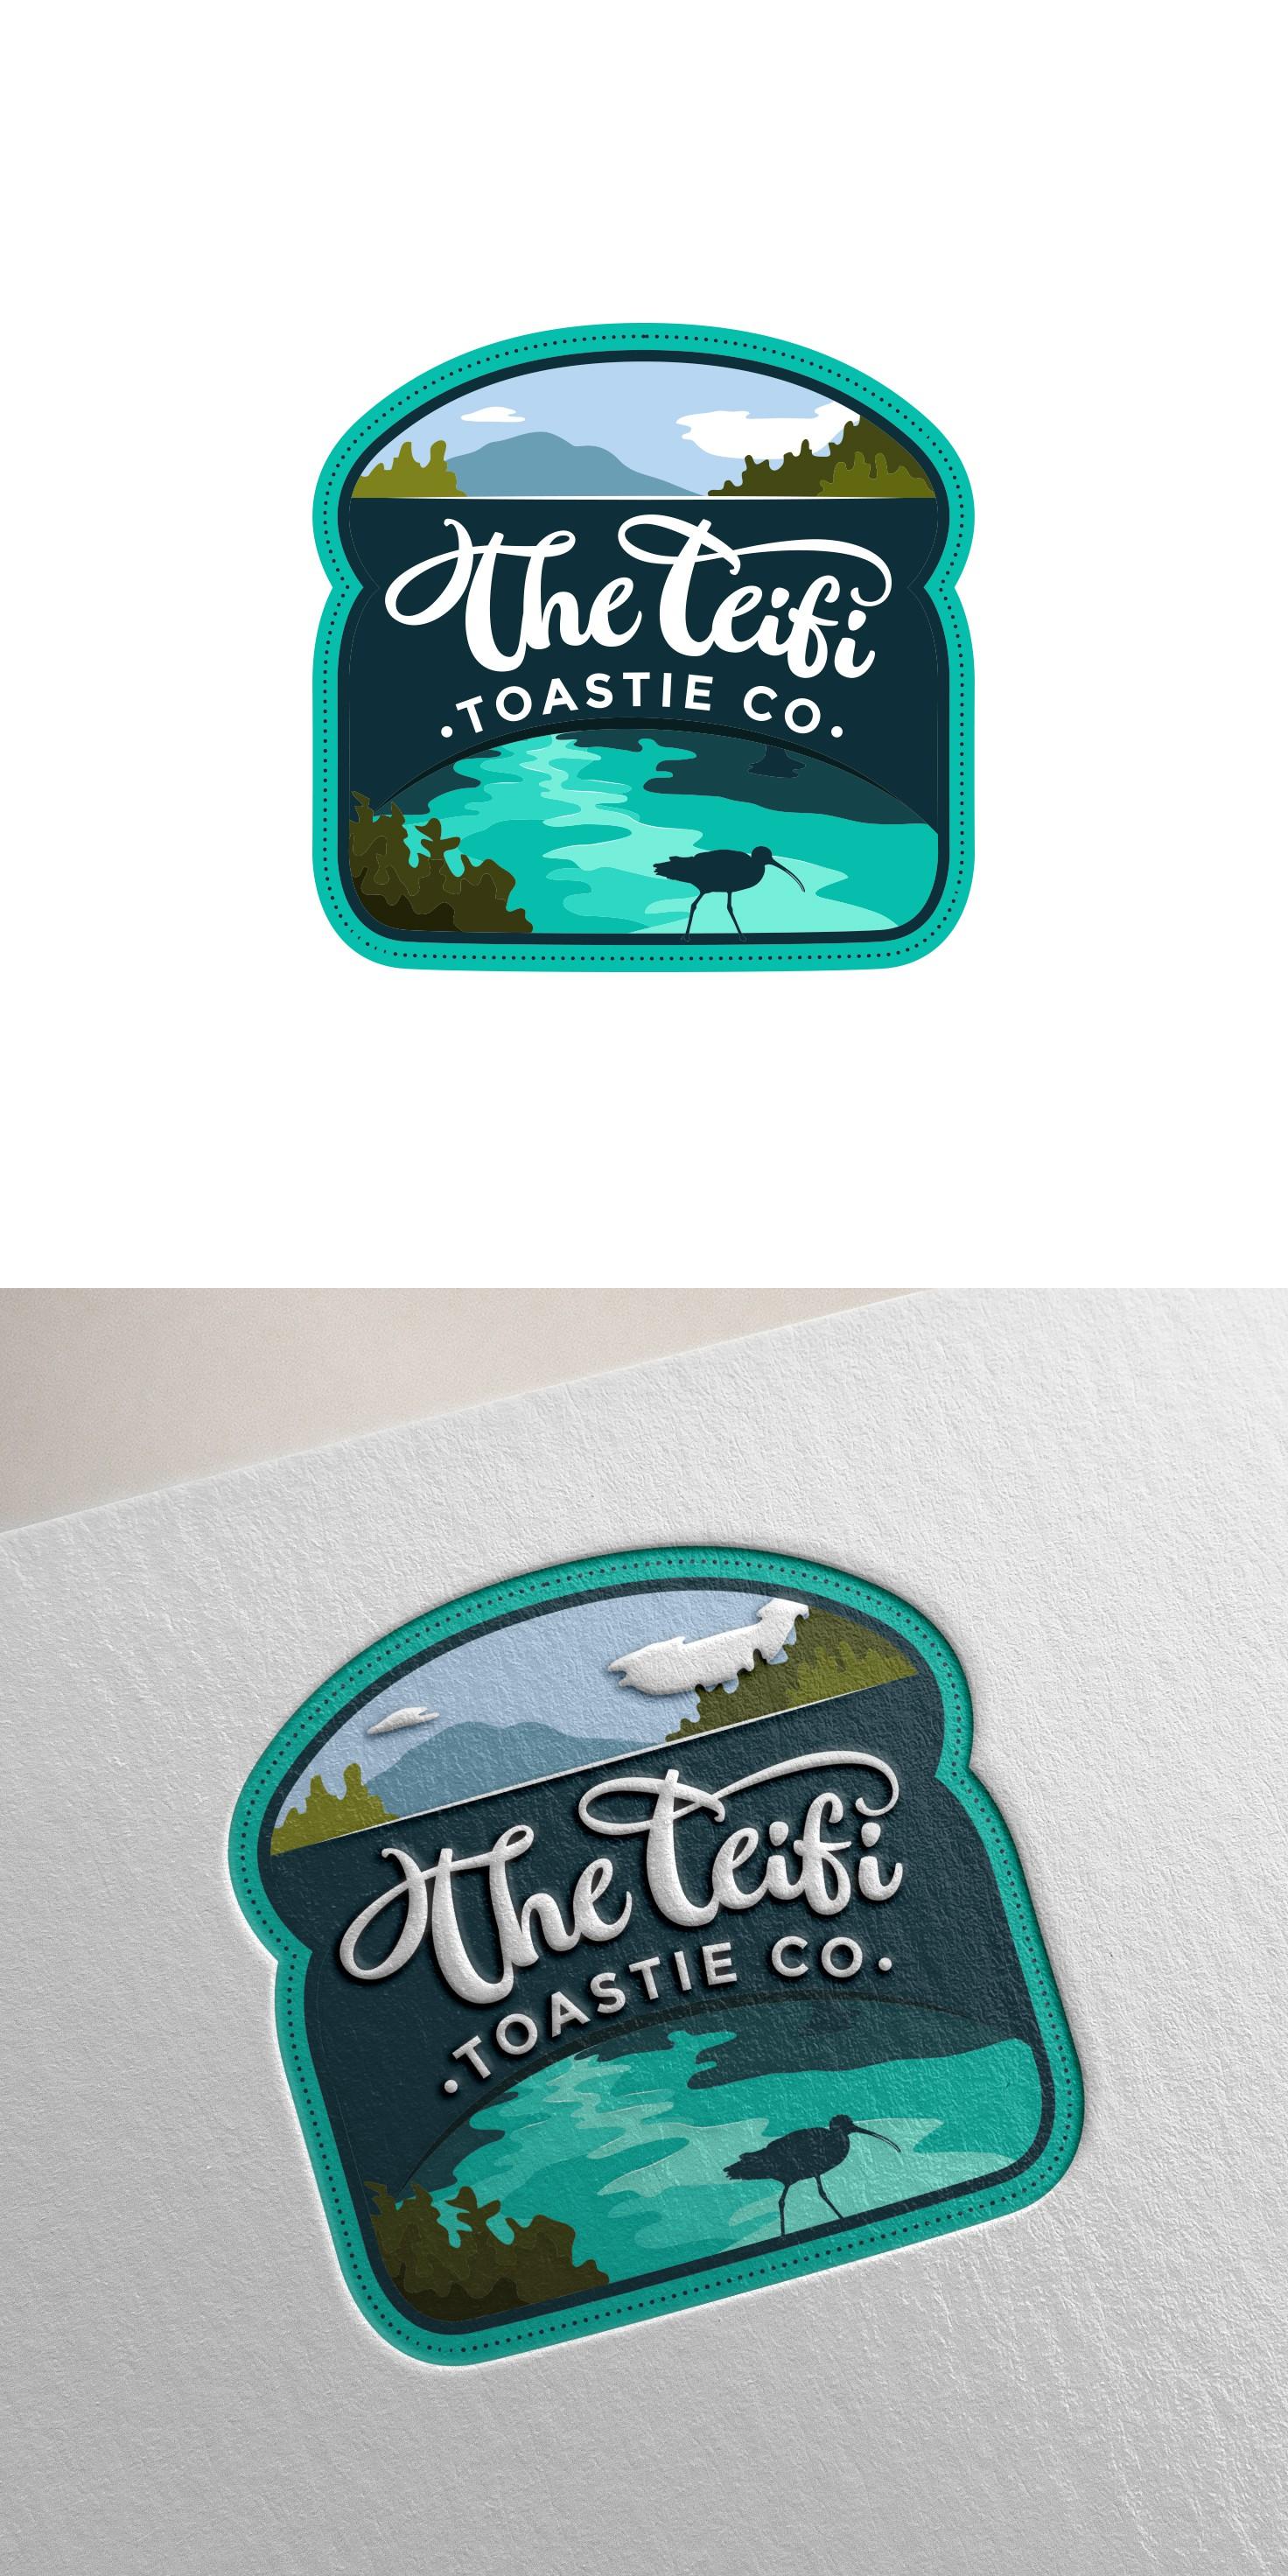 Food Truck logo design needed!